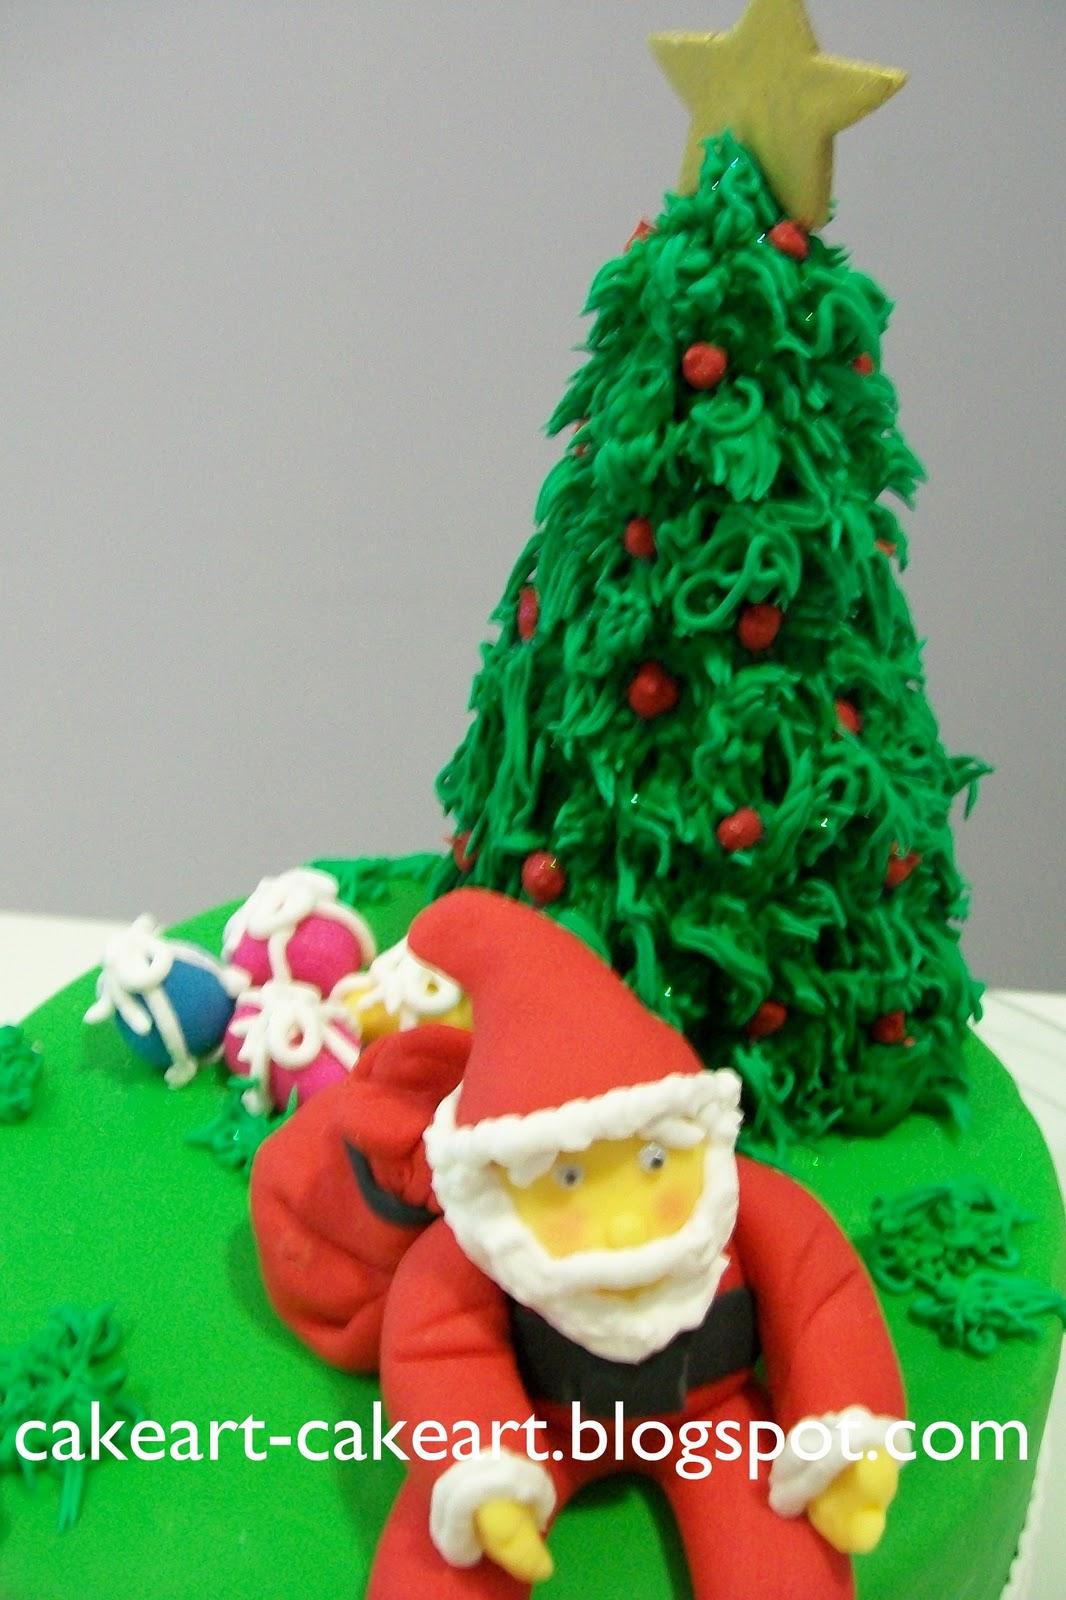 Cake Art Omr : CakeArt: Bolo do Papai Noel